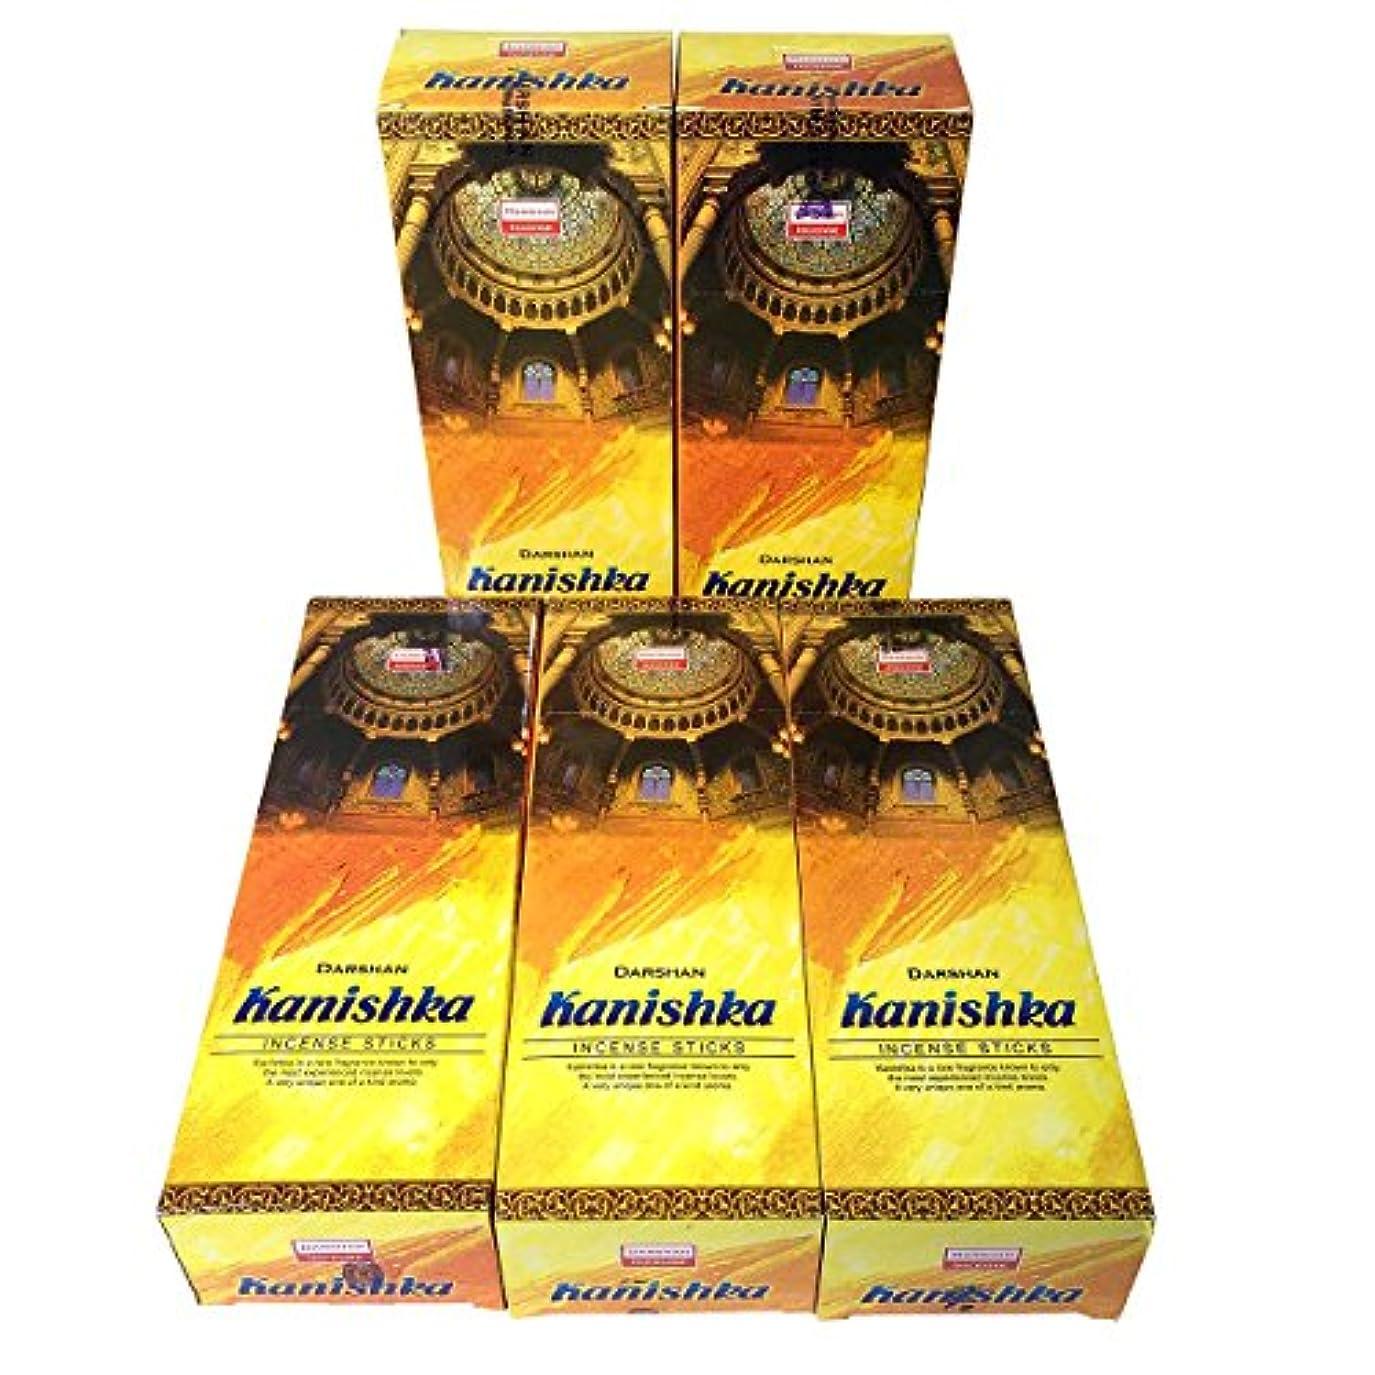 料理豊富なセントカニシュカ香スティック 5BOX(30箱)/DARSHAN KANISHKA/ インド香 / 送料無料 [並行輸入品]